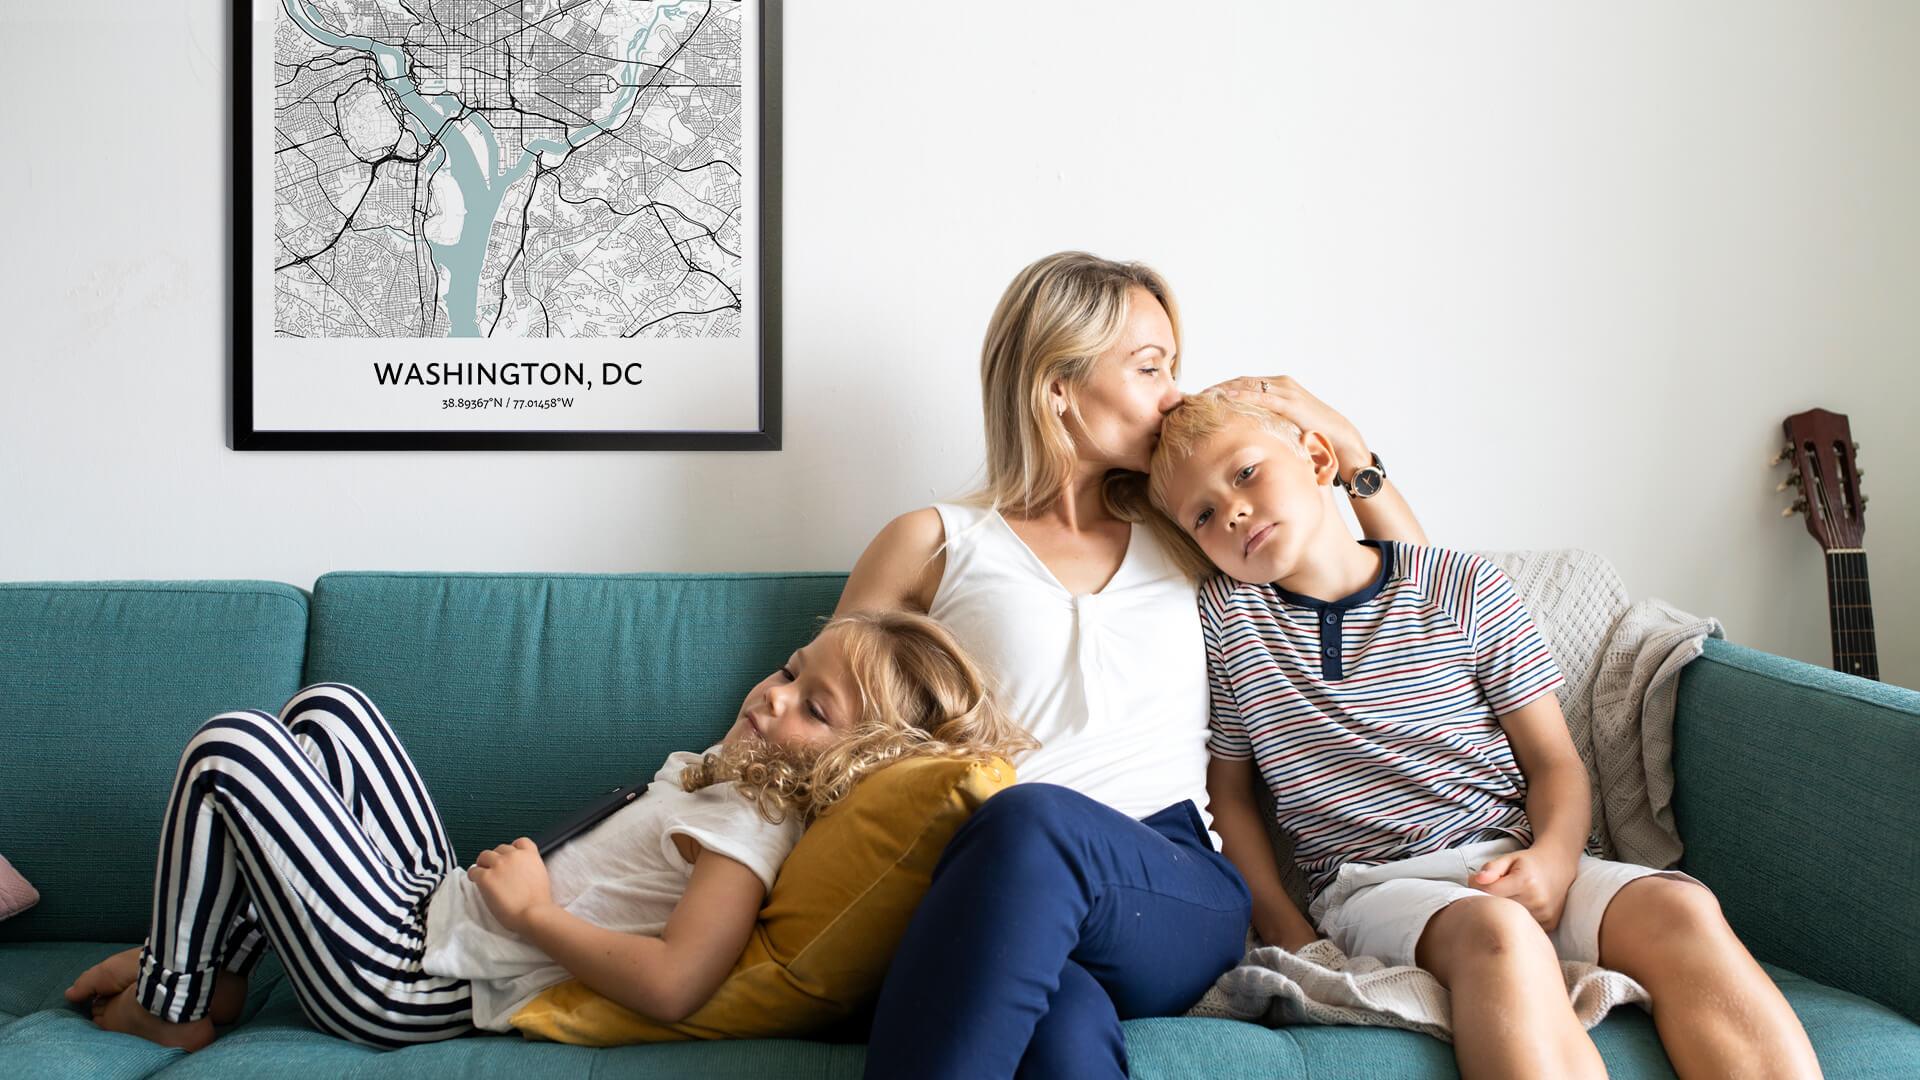 Washington DC map poster